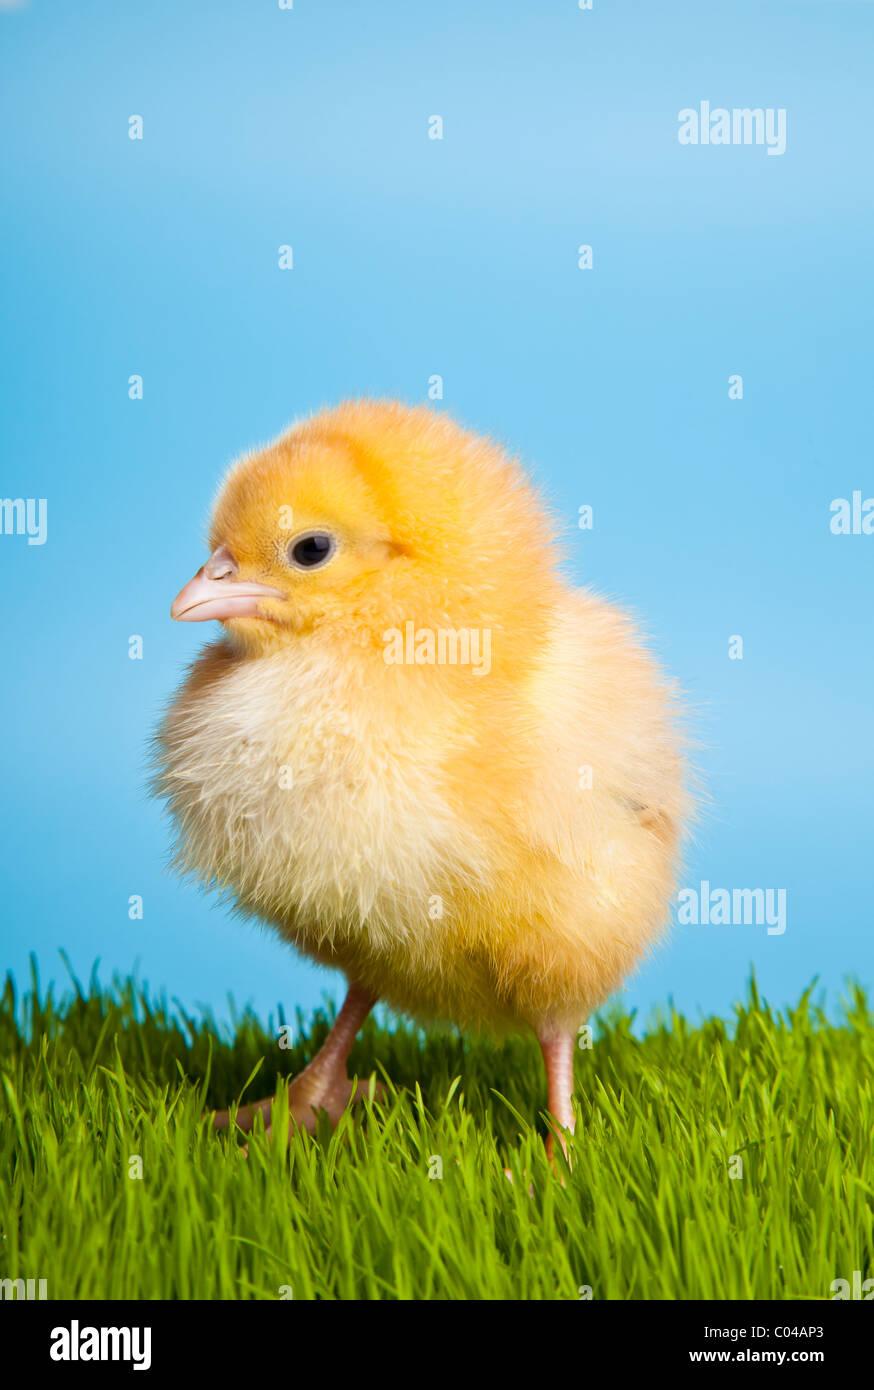 Les oeufs de Pâques et les poules sur l'herbe verte sur fond bleu Photo Stock